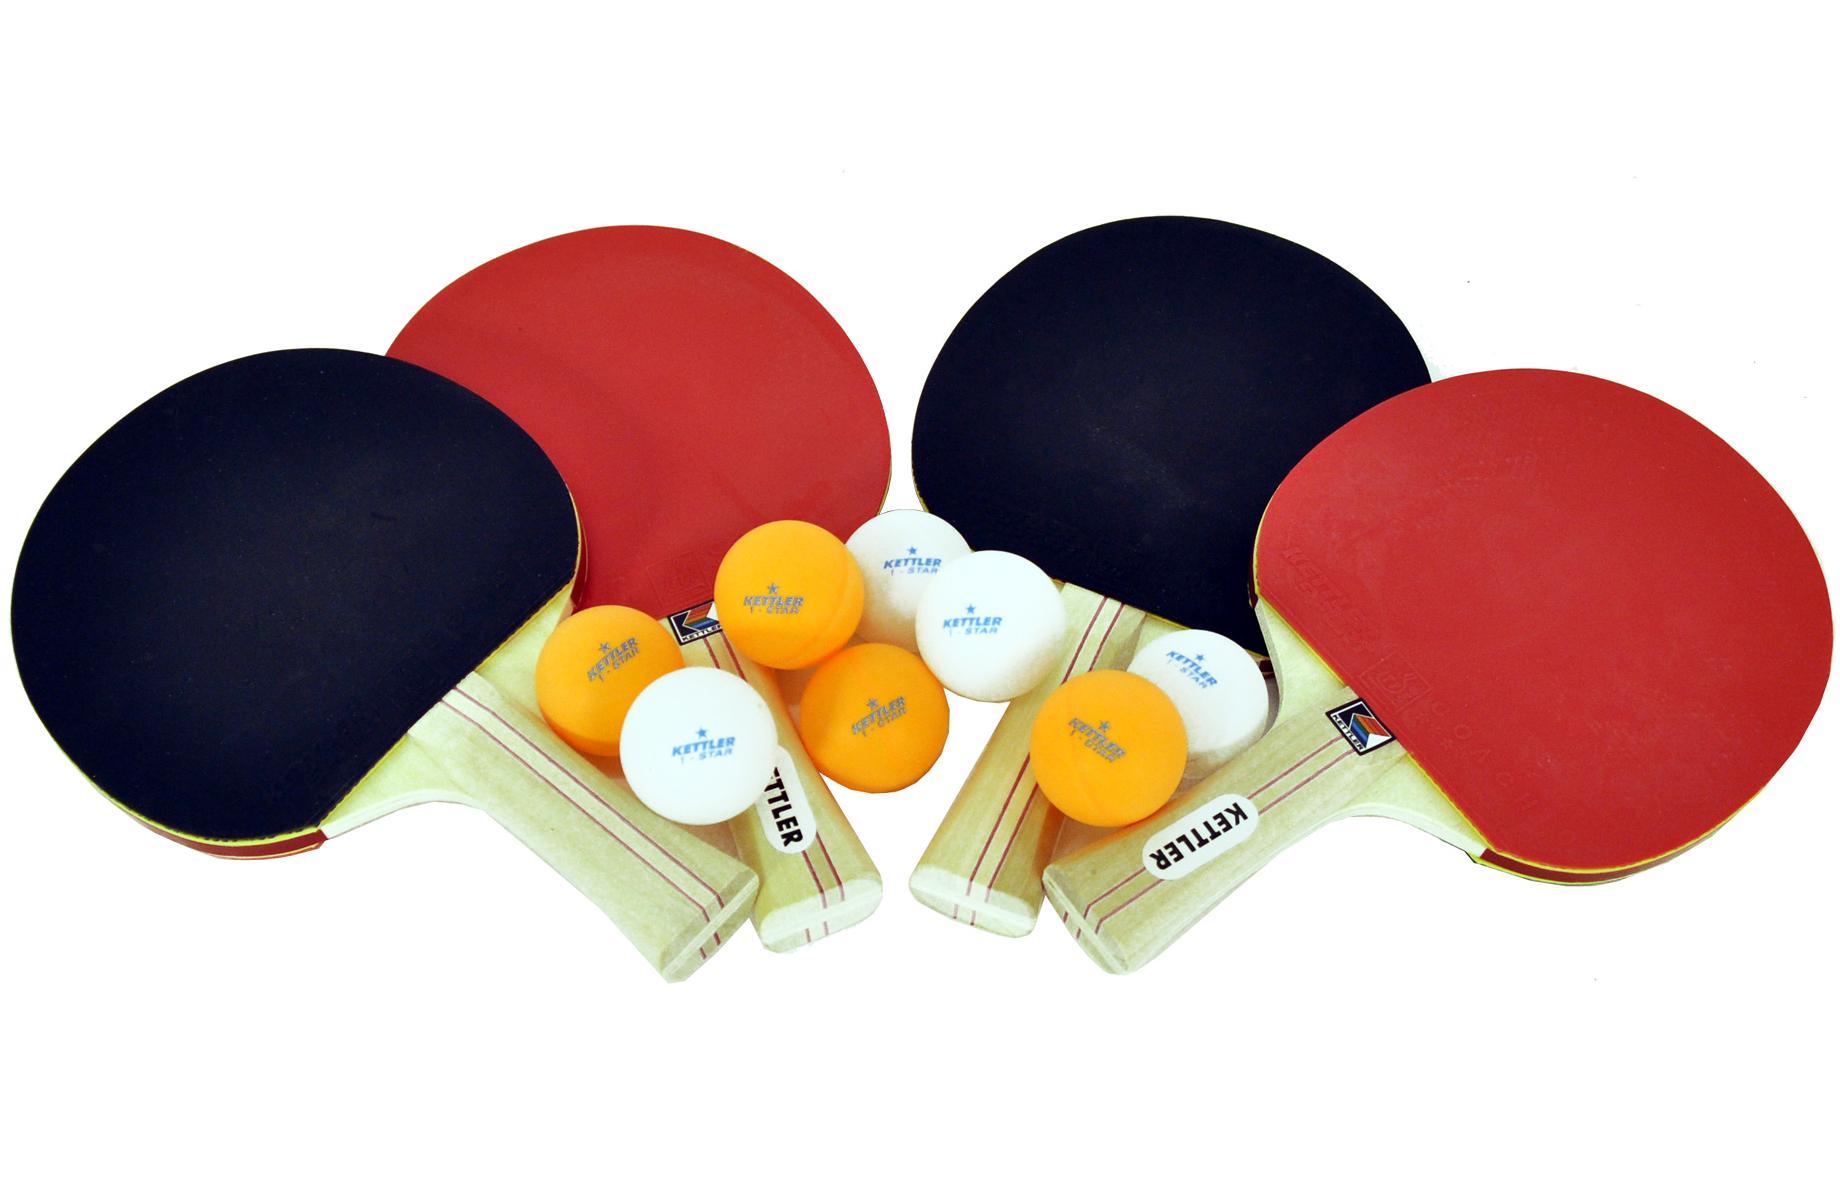 View larger  sc 1 st  Amazon.com & Amazon.com : Kettler Advantage Indoor Table Tennis Bundle: 4 Player ...